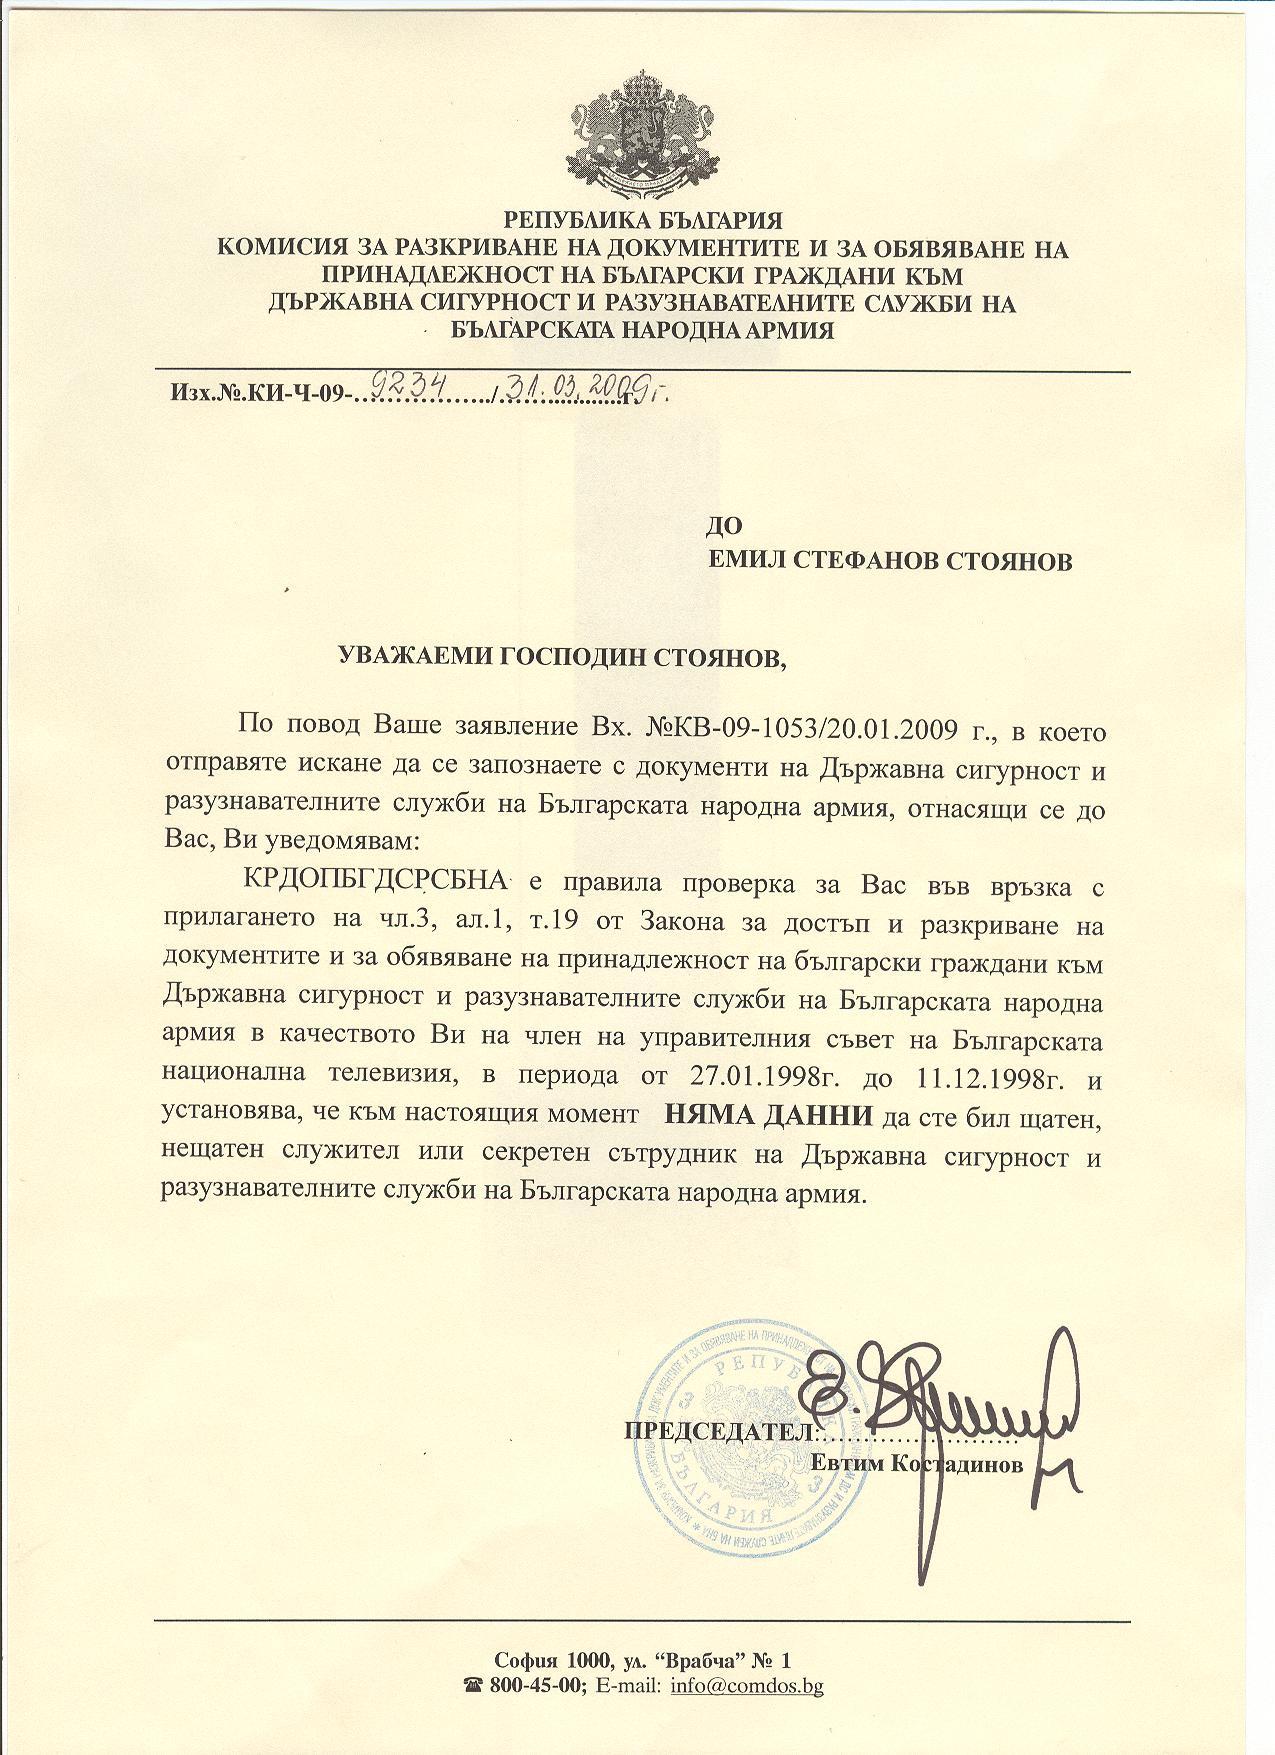 Сертификат за липса на принадлежност към ДС